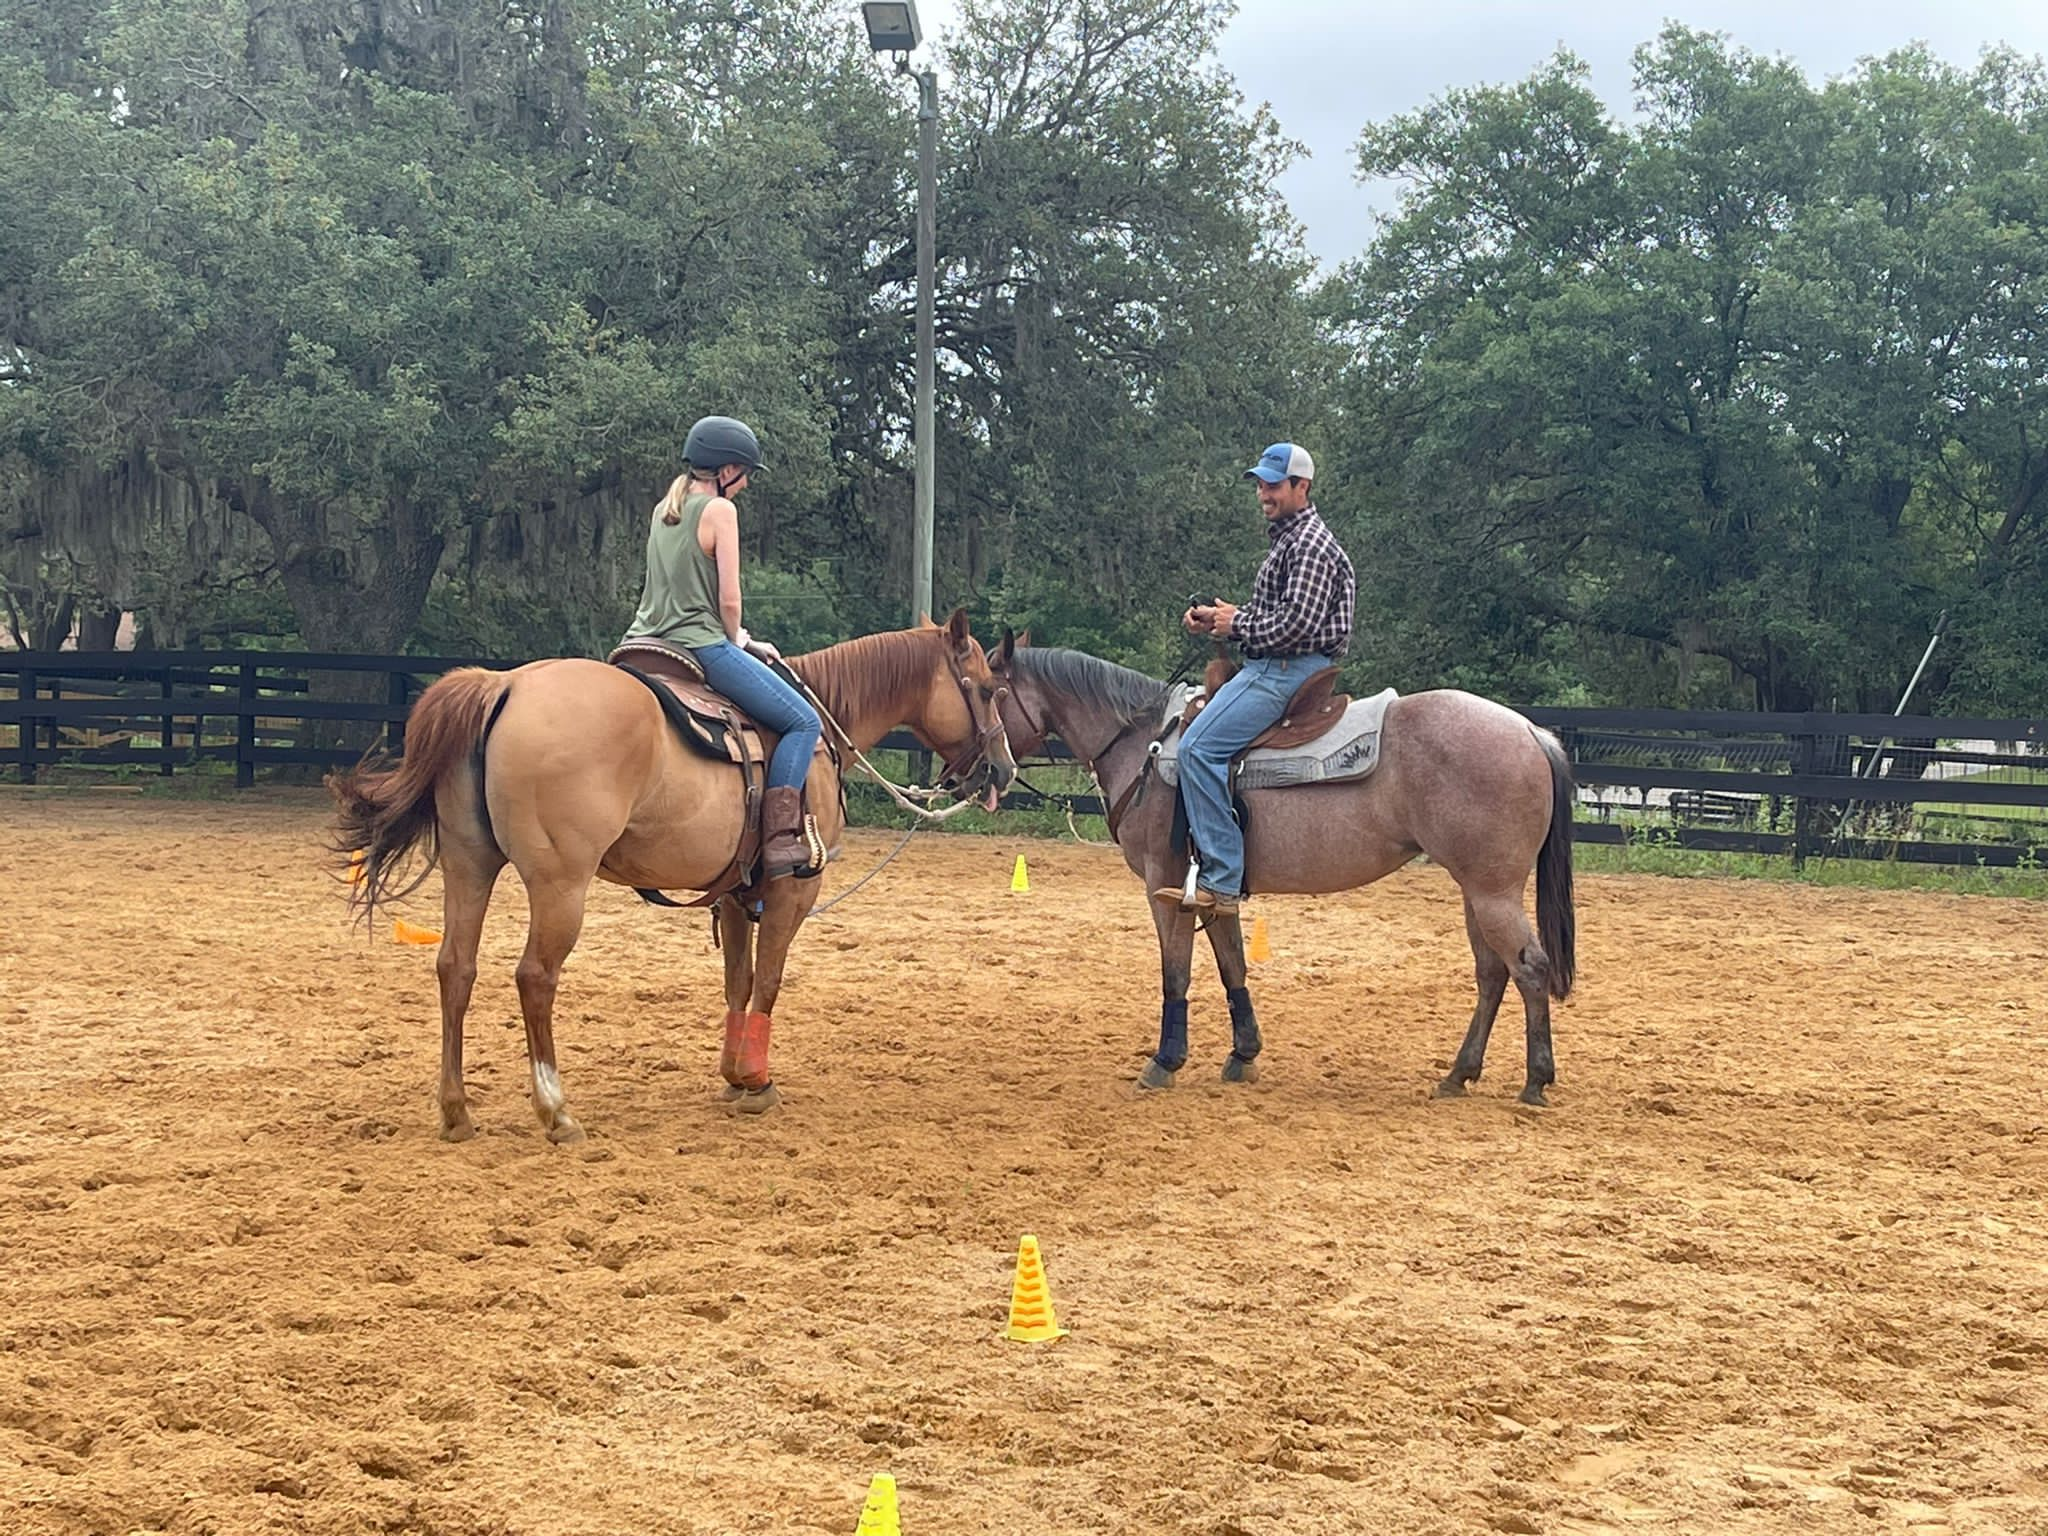 O prazer de cavalgar: conheça os benefícios da equitação na 'NSB Equestrian Center'